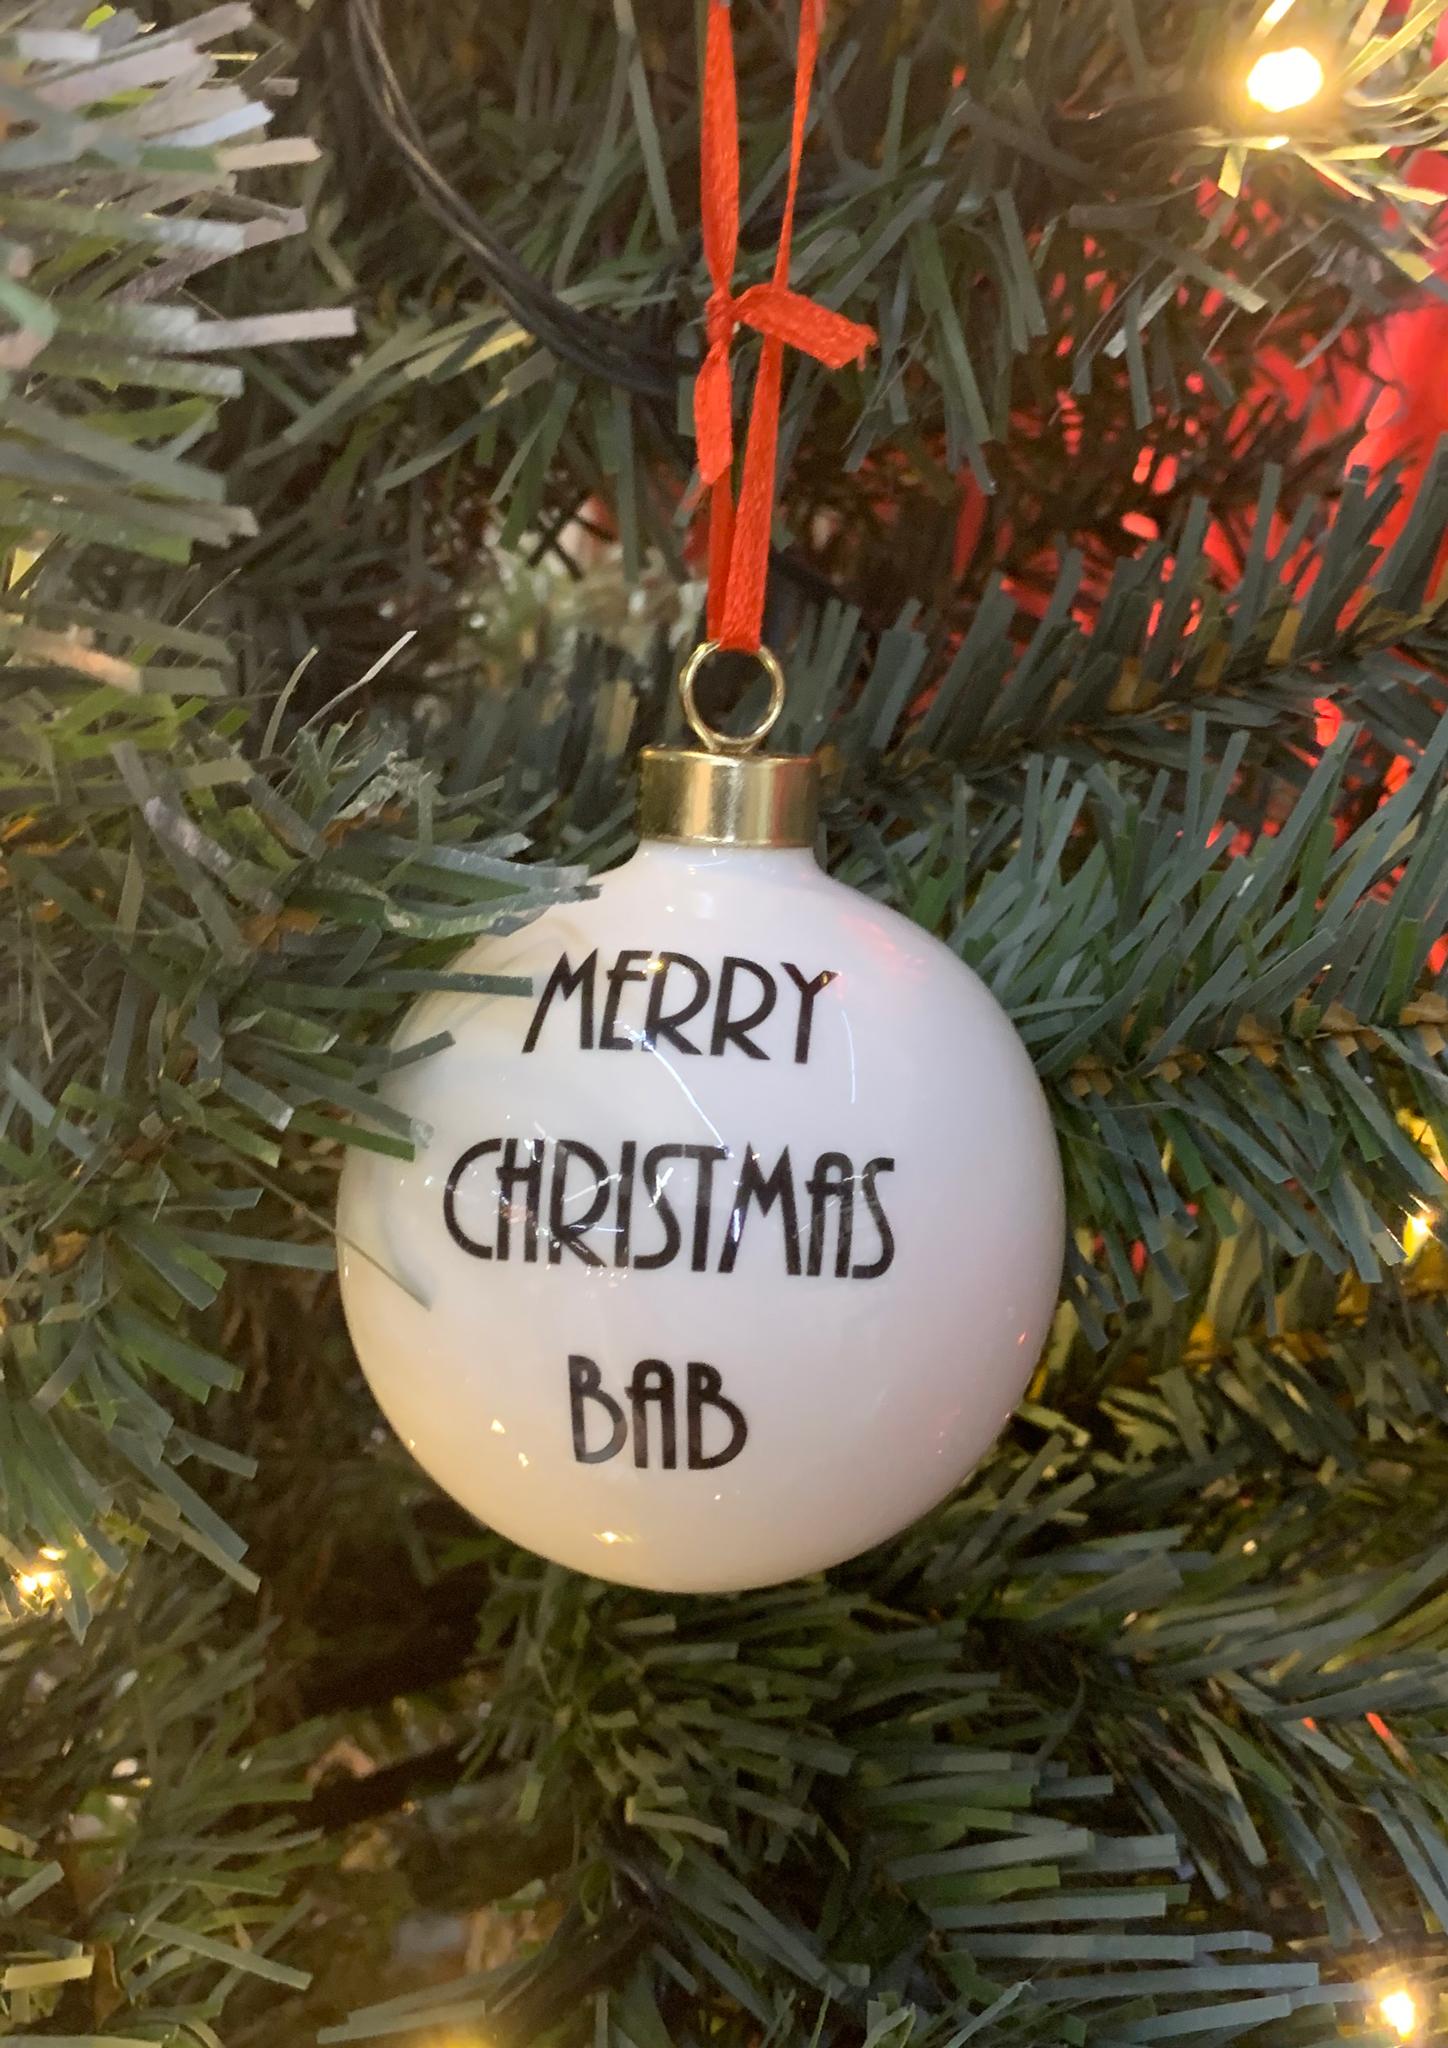 Merry-Christmas-Bab